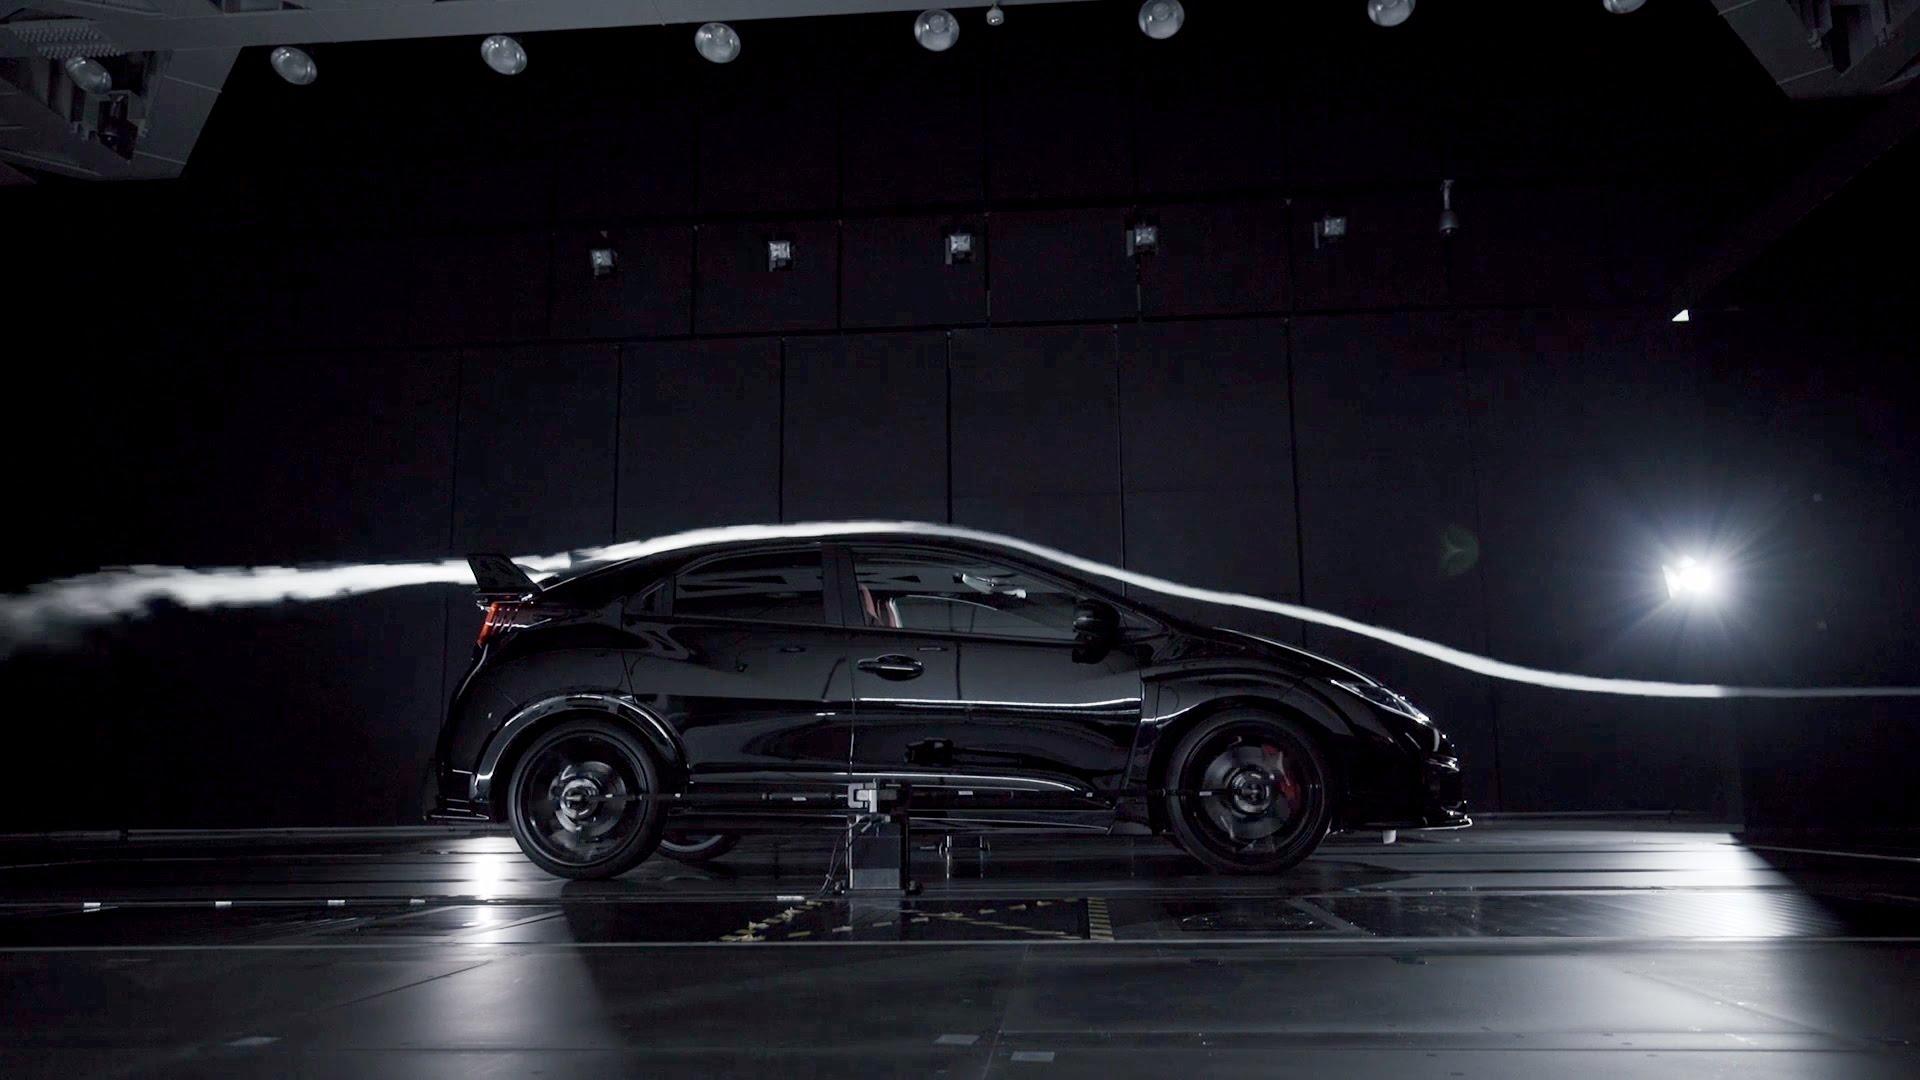 Honda gradi vazdušni tunel u kojem vazduh dostiže brzinu od 310 km/h